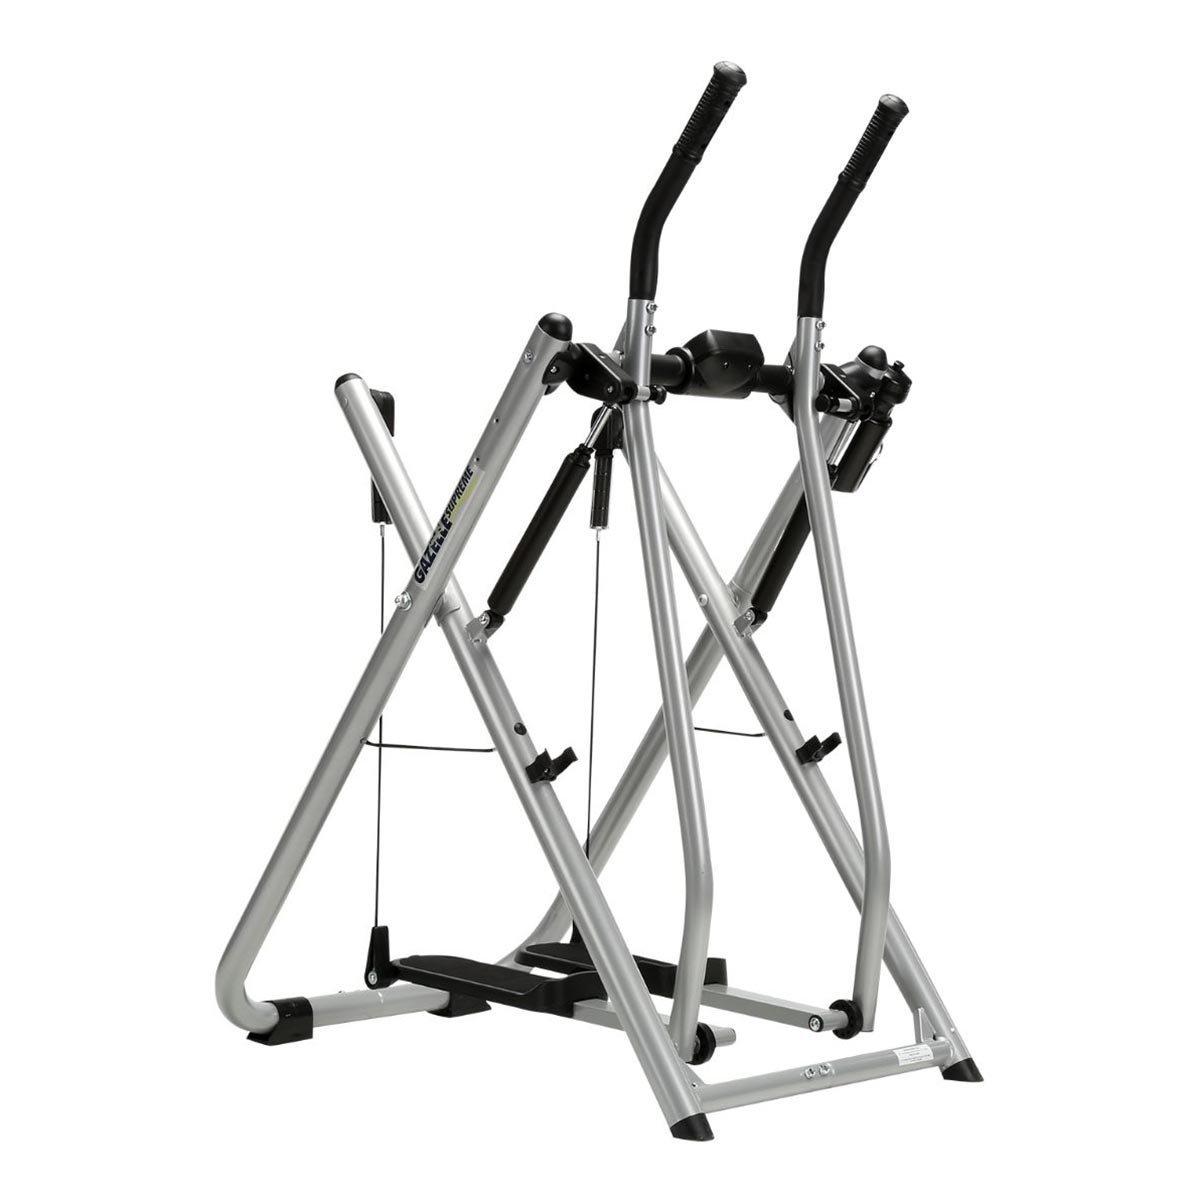 3 Best Gazelle Exercise Machines